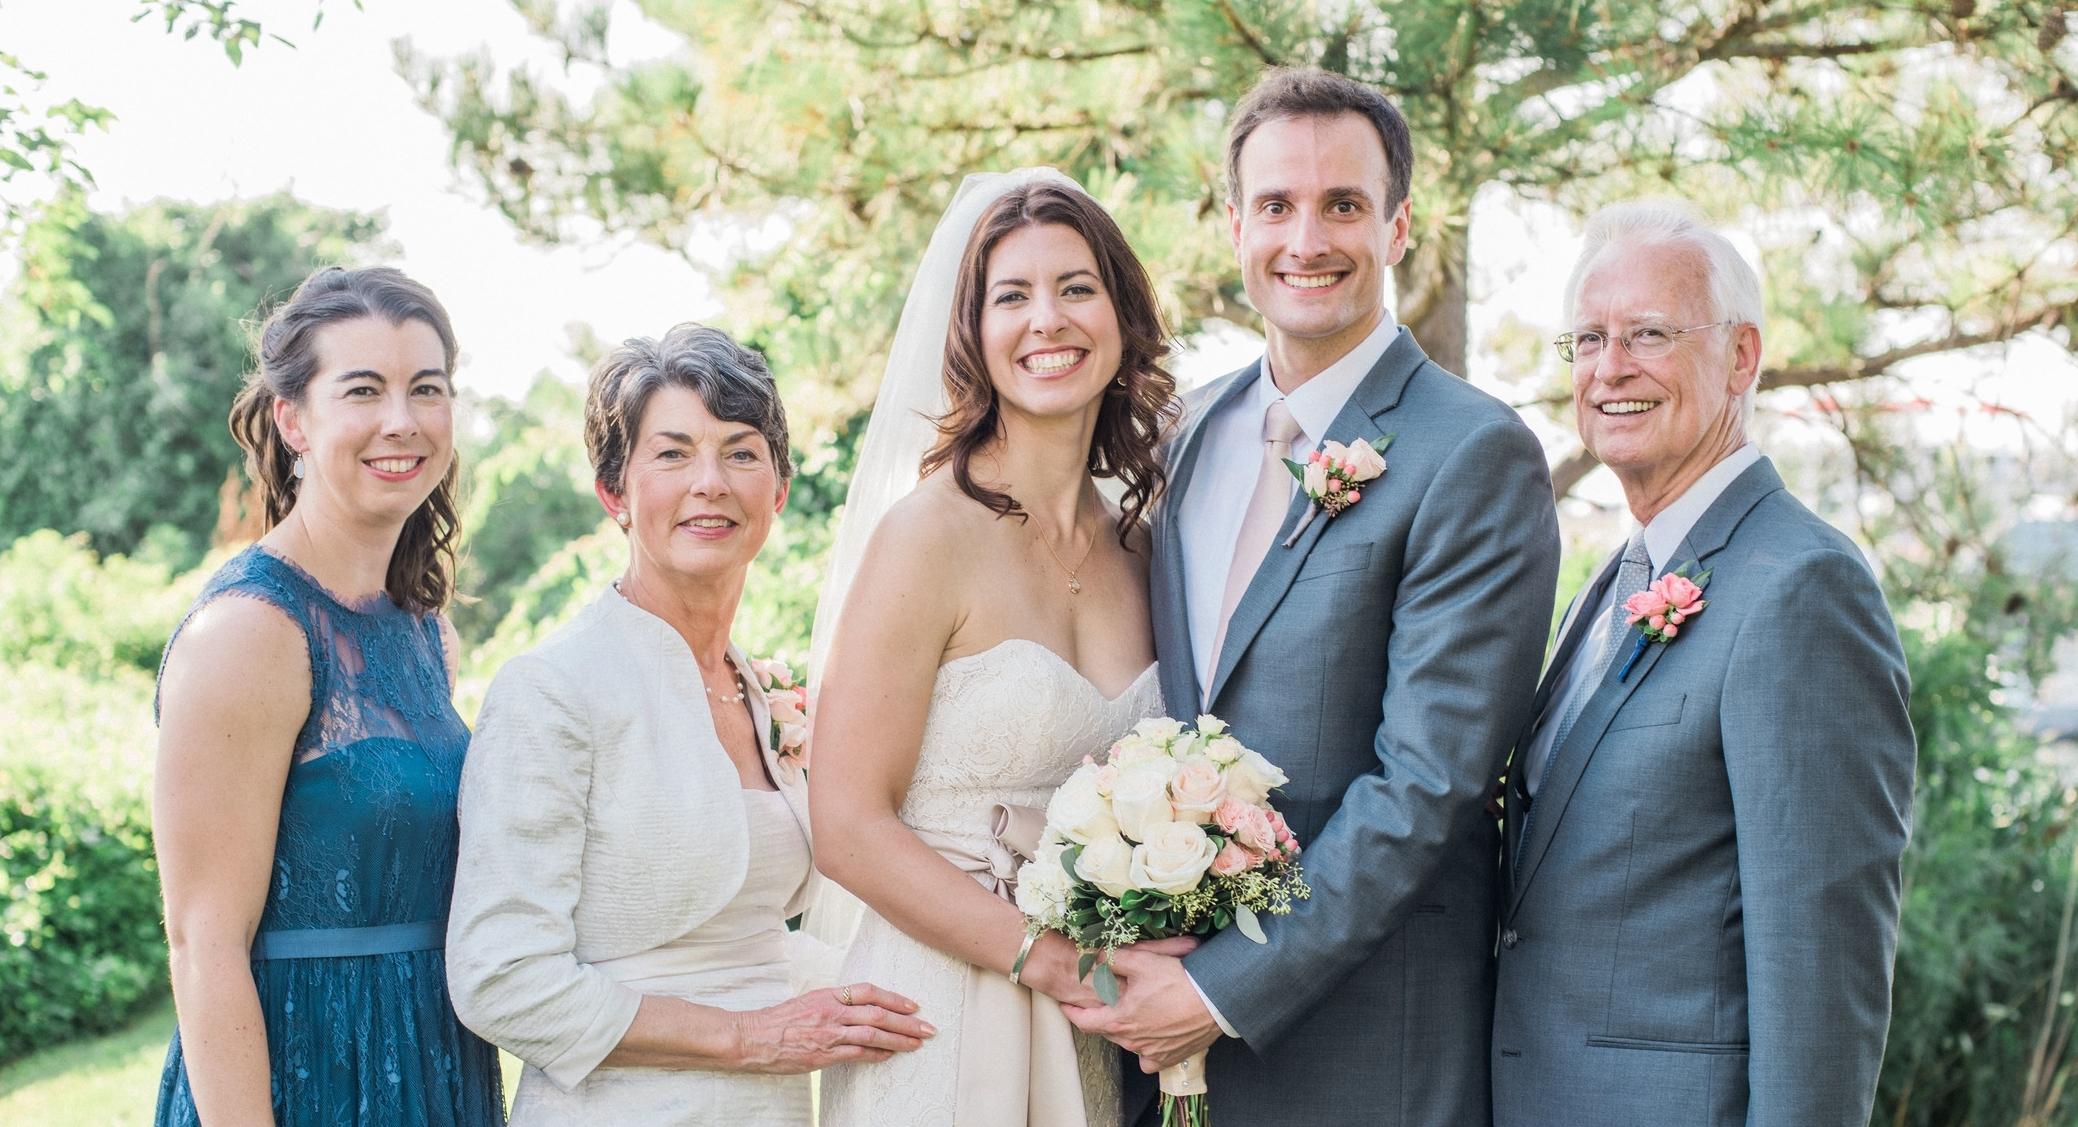 Erica&Dave (Family Photos)-1.jpg